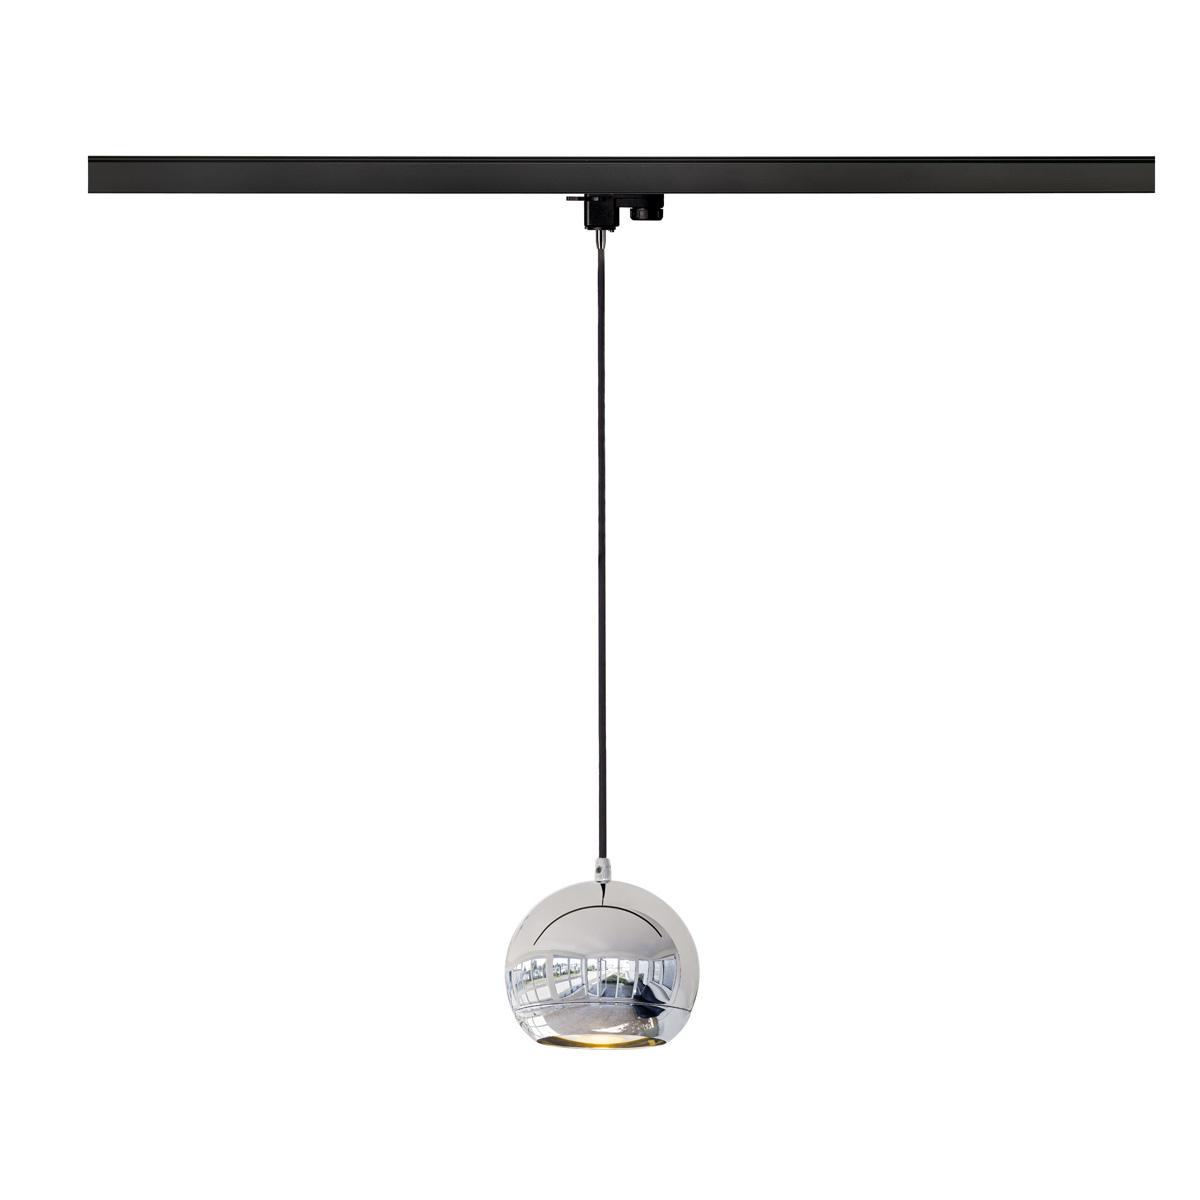 slv light eye pendelleuchte qpar111 chrom inkl 3 phasen adapter 153112 stm. Black Bedroom Furniture Sets. Home Design Ideas